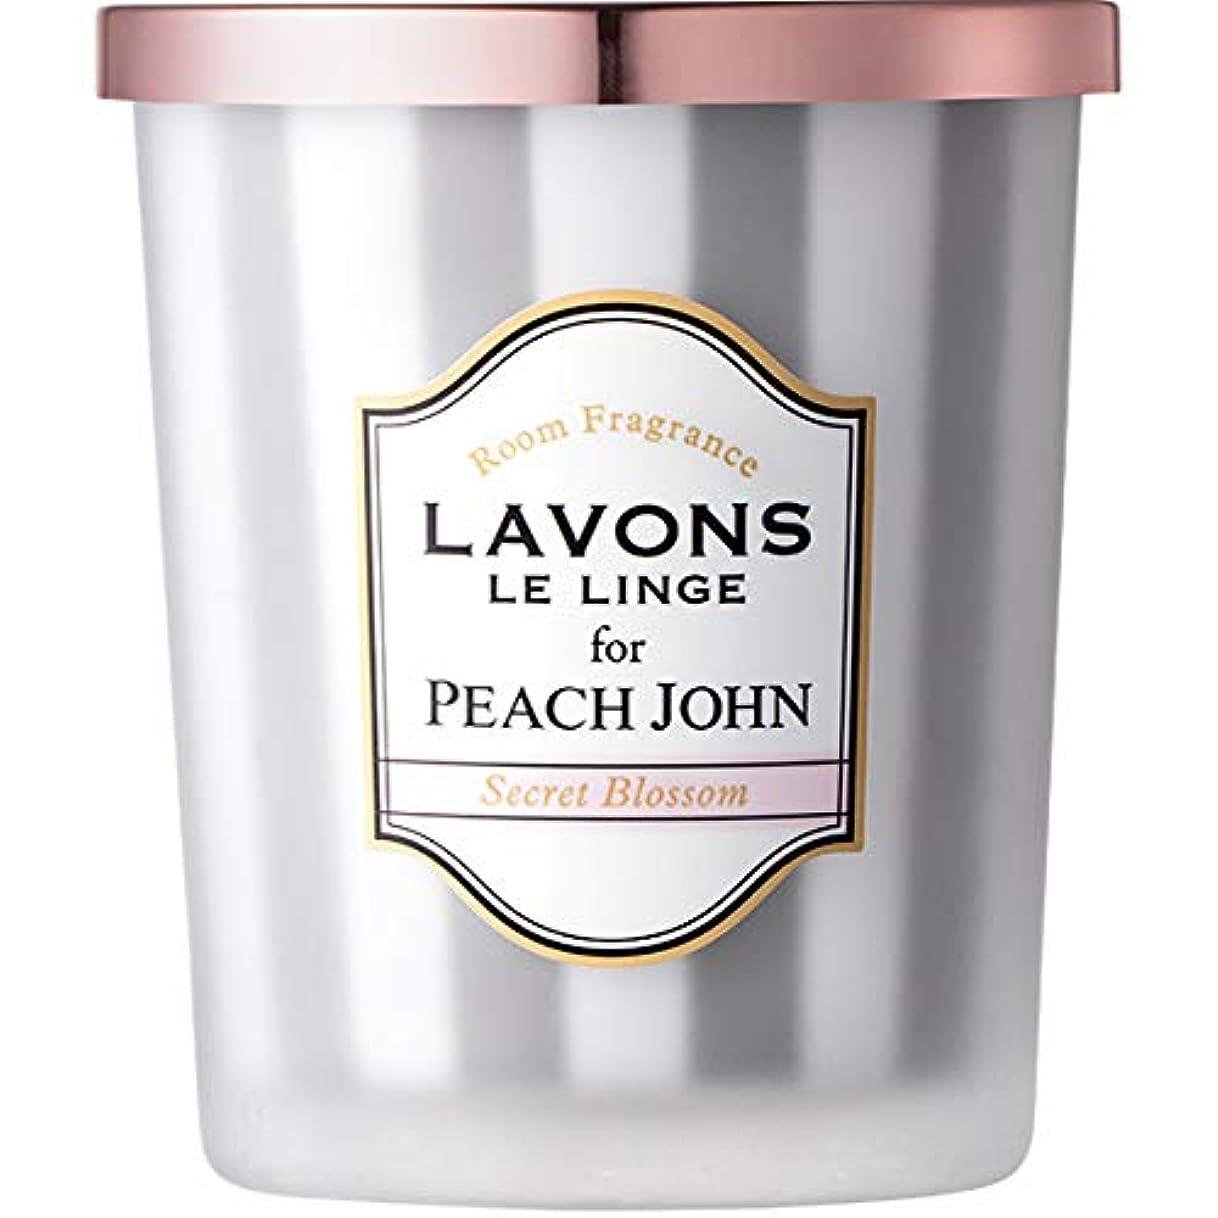 輸血意見円形のラボン for PEACH JOHN 部屋用フレグランス シークレットブロッサムの香り 150g